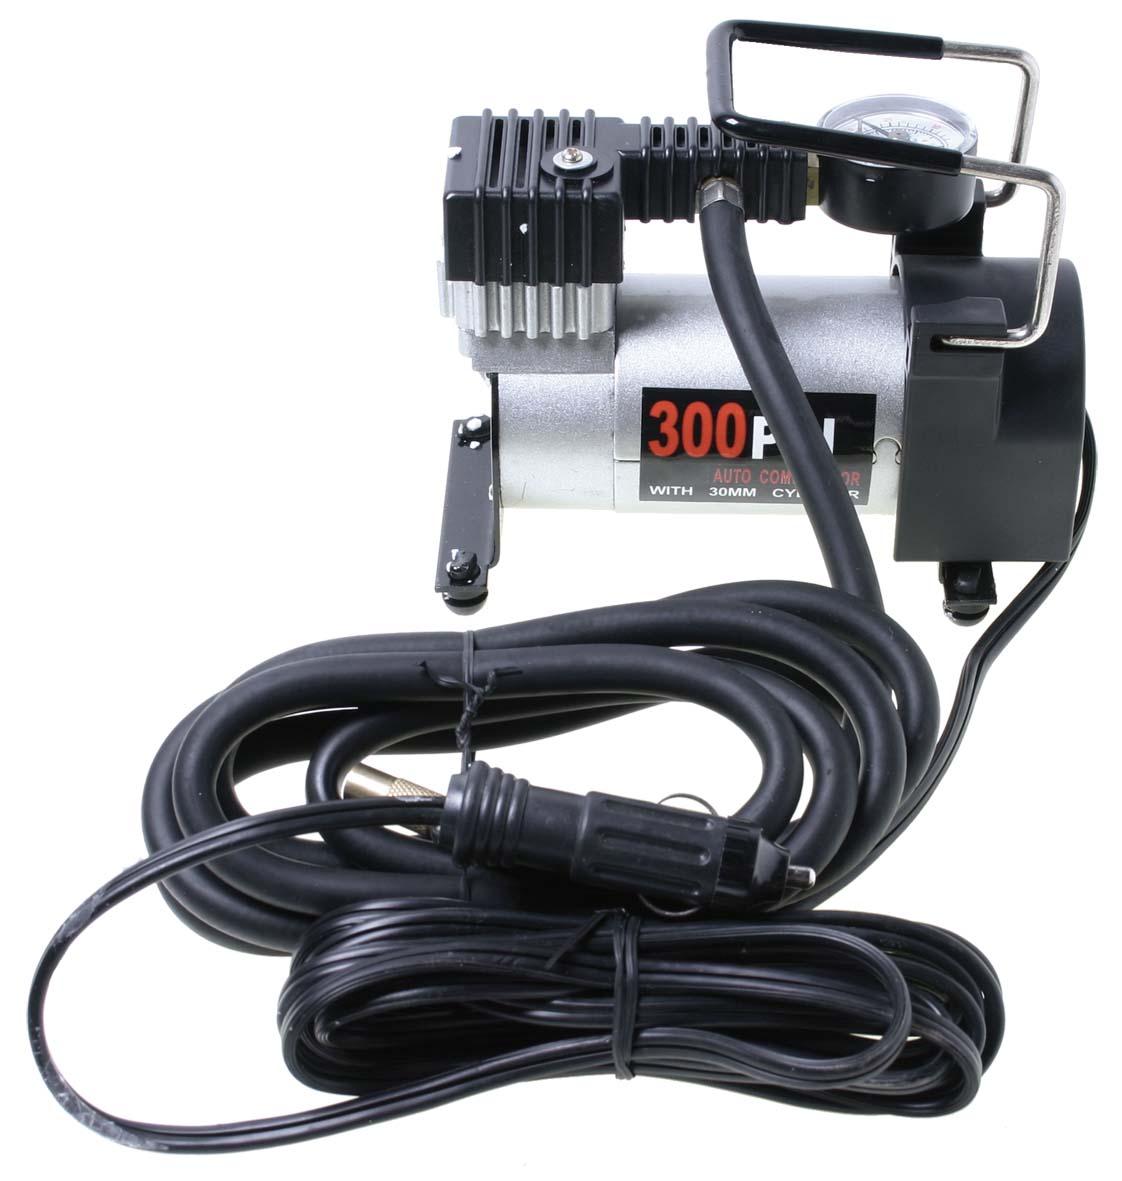 kompressor mini hd 7 bar 35l min 12v aircom. Black Bedroom Furniture Sets. Home Design Ideas